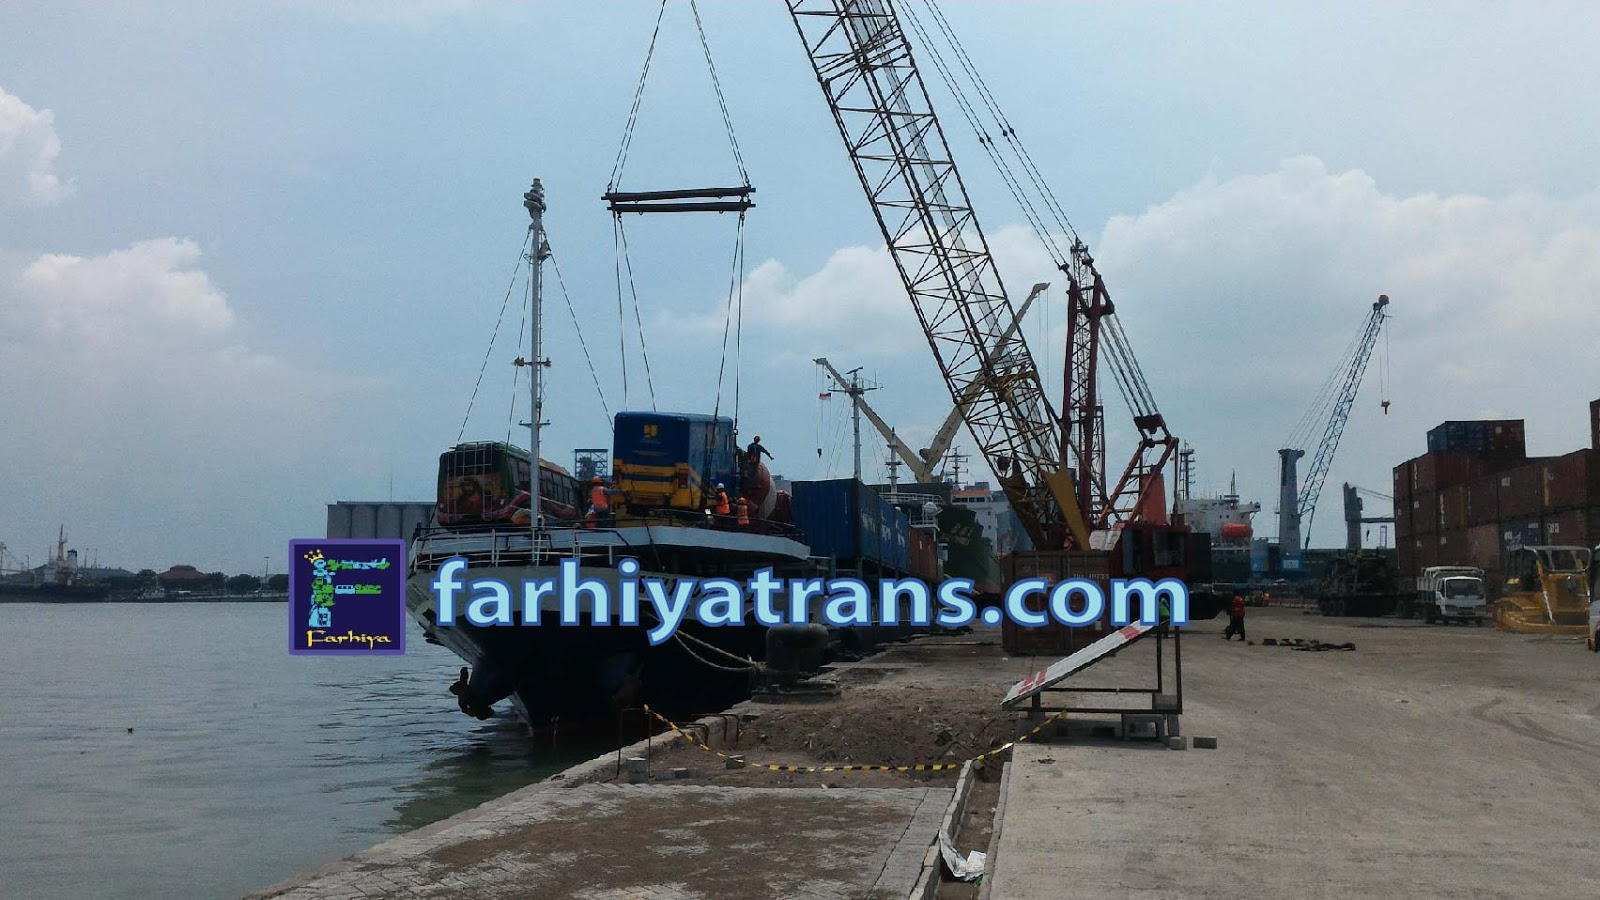 ekspedisi jasa kirim truk bus cargo kapal laut kupang surabaya maumere ende labuan bajo lembar ambon sorong